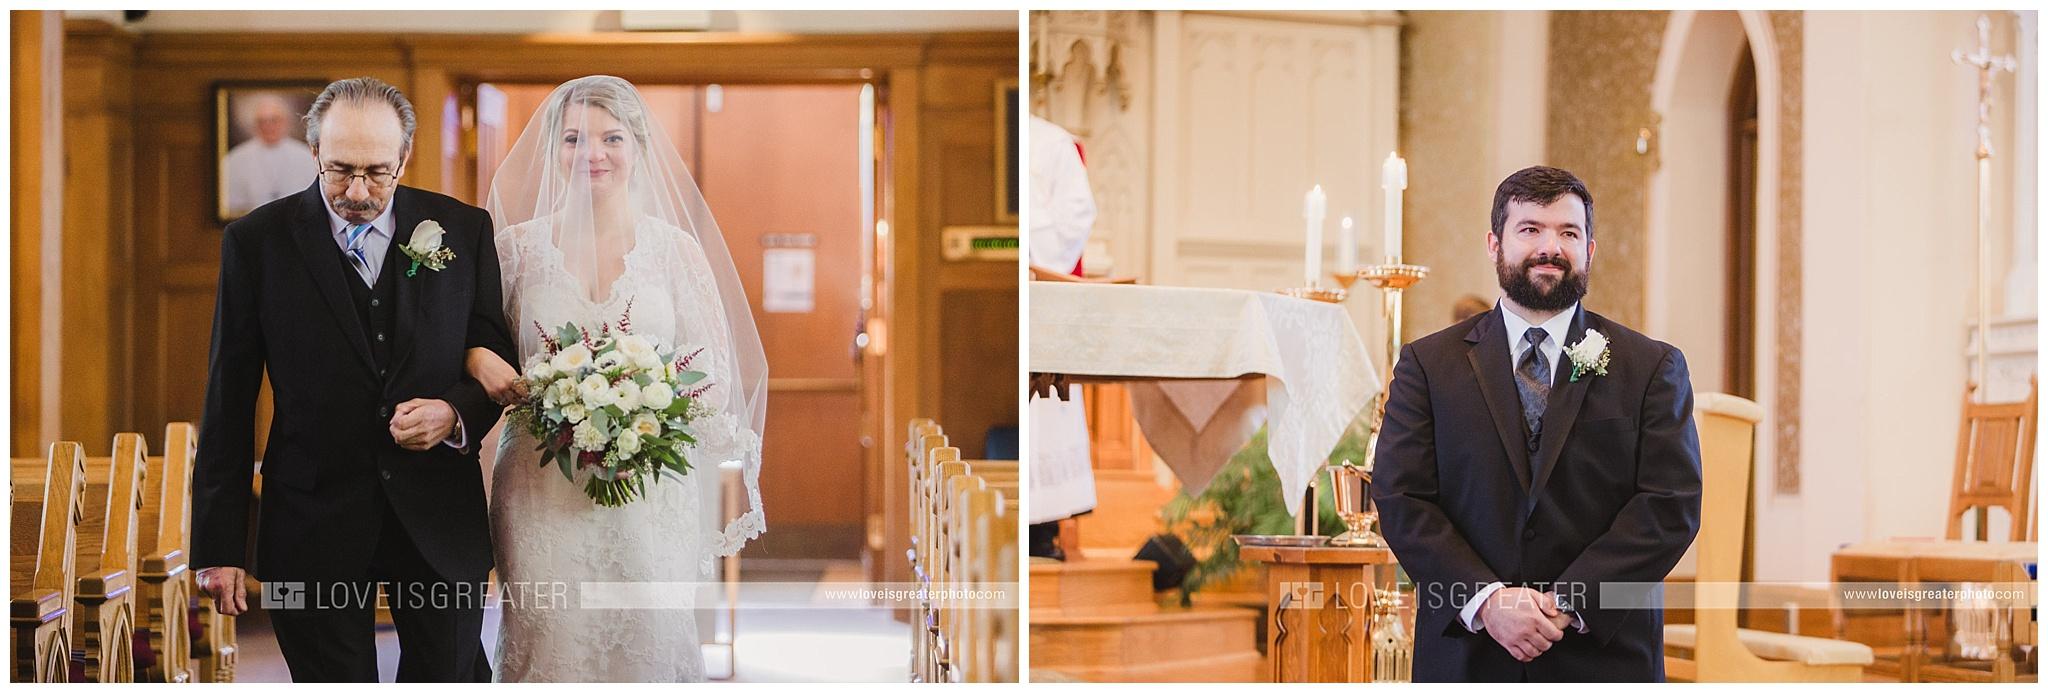 toledo-wedding-photographer_0009